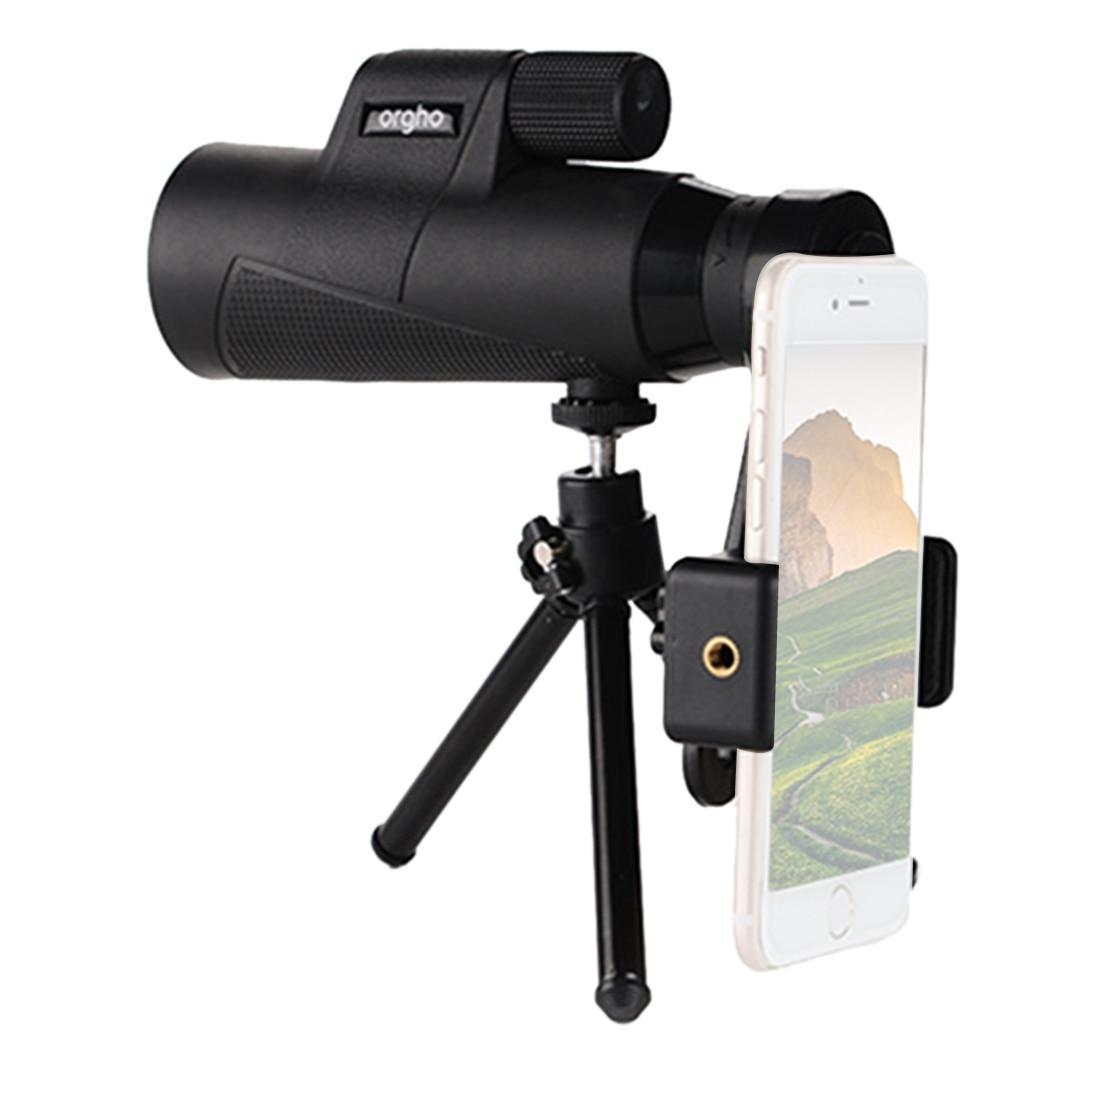 10x50 alta potência hd monocular telescópio com clipe de telefone e tripé de alumínio para observação de aves viajar mjz12